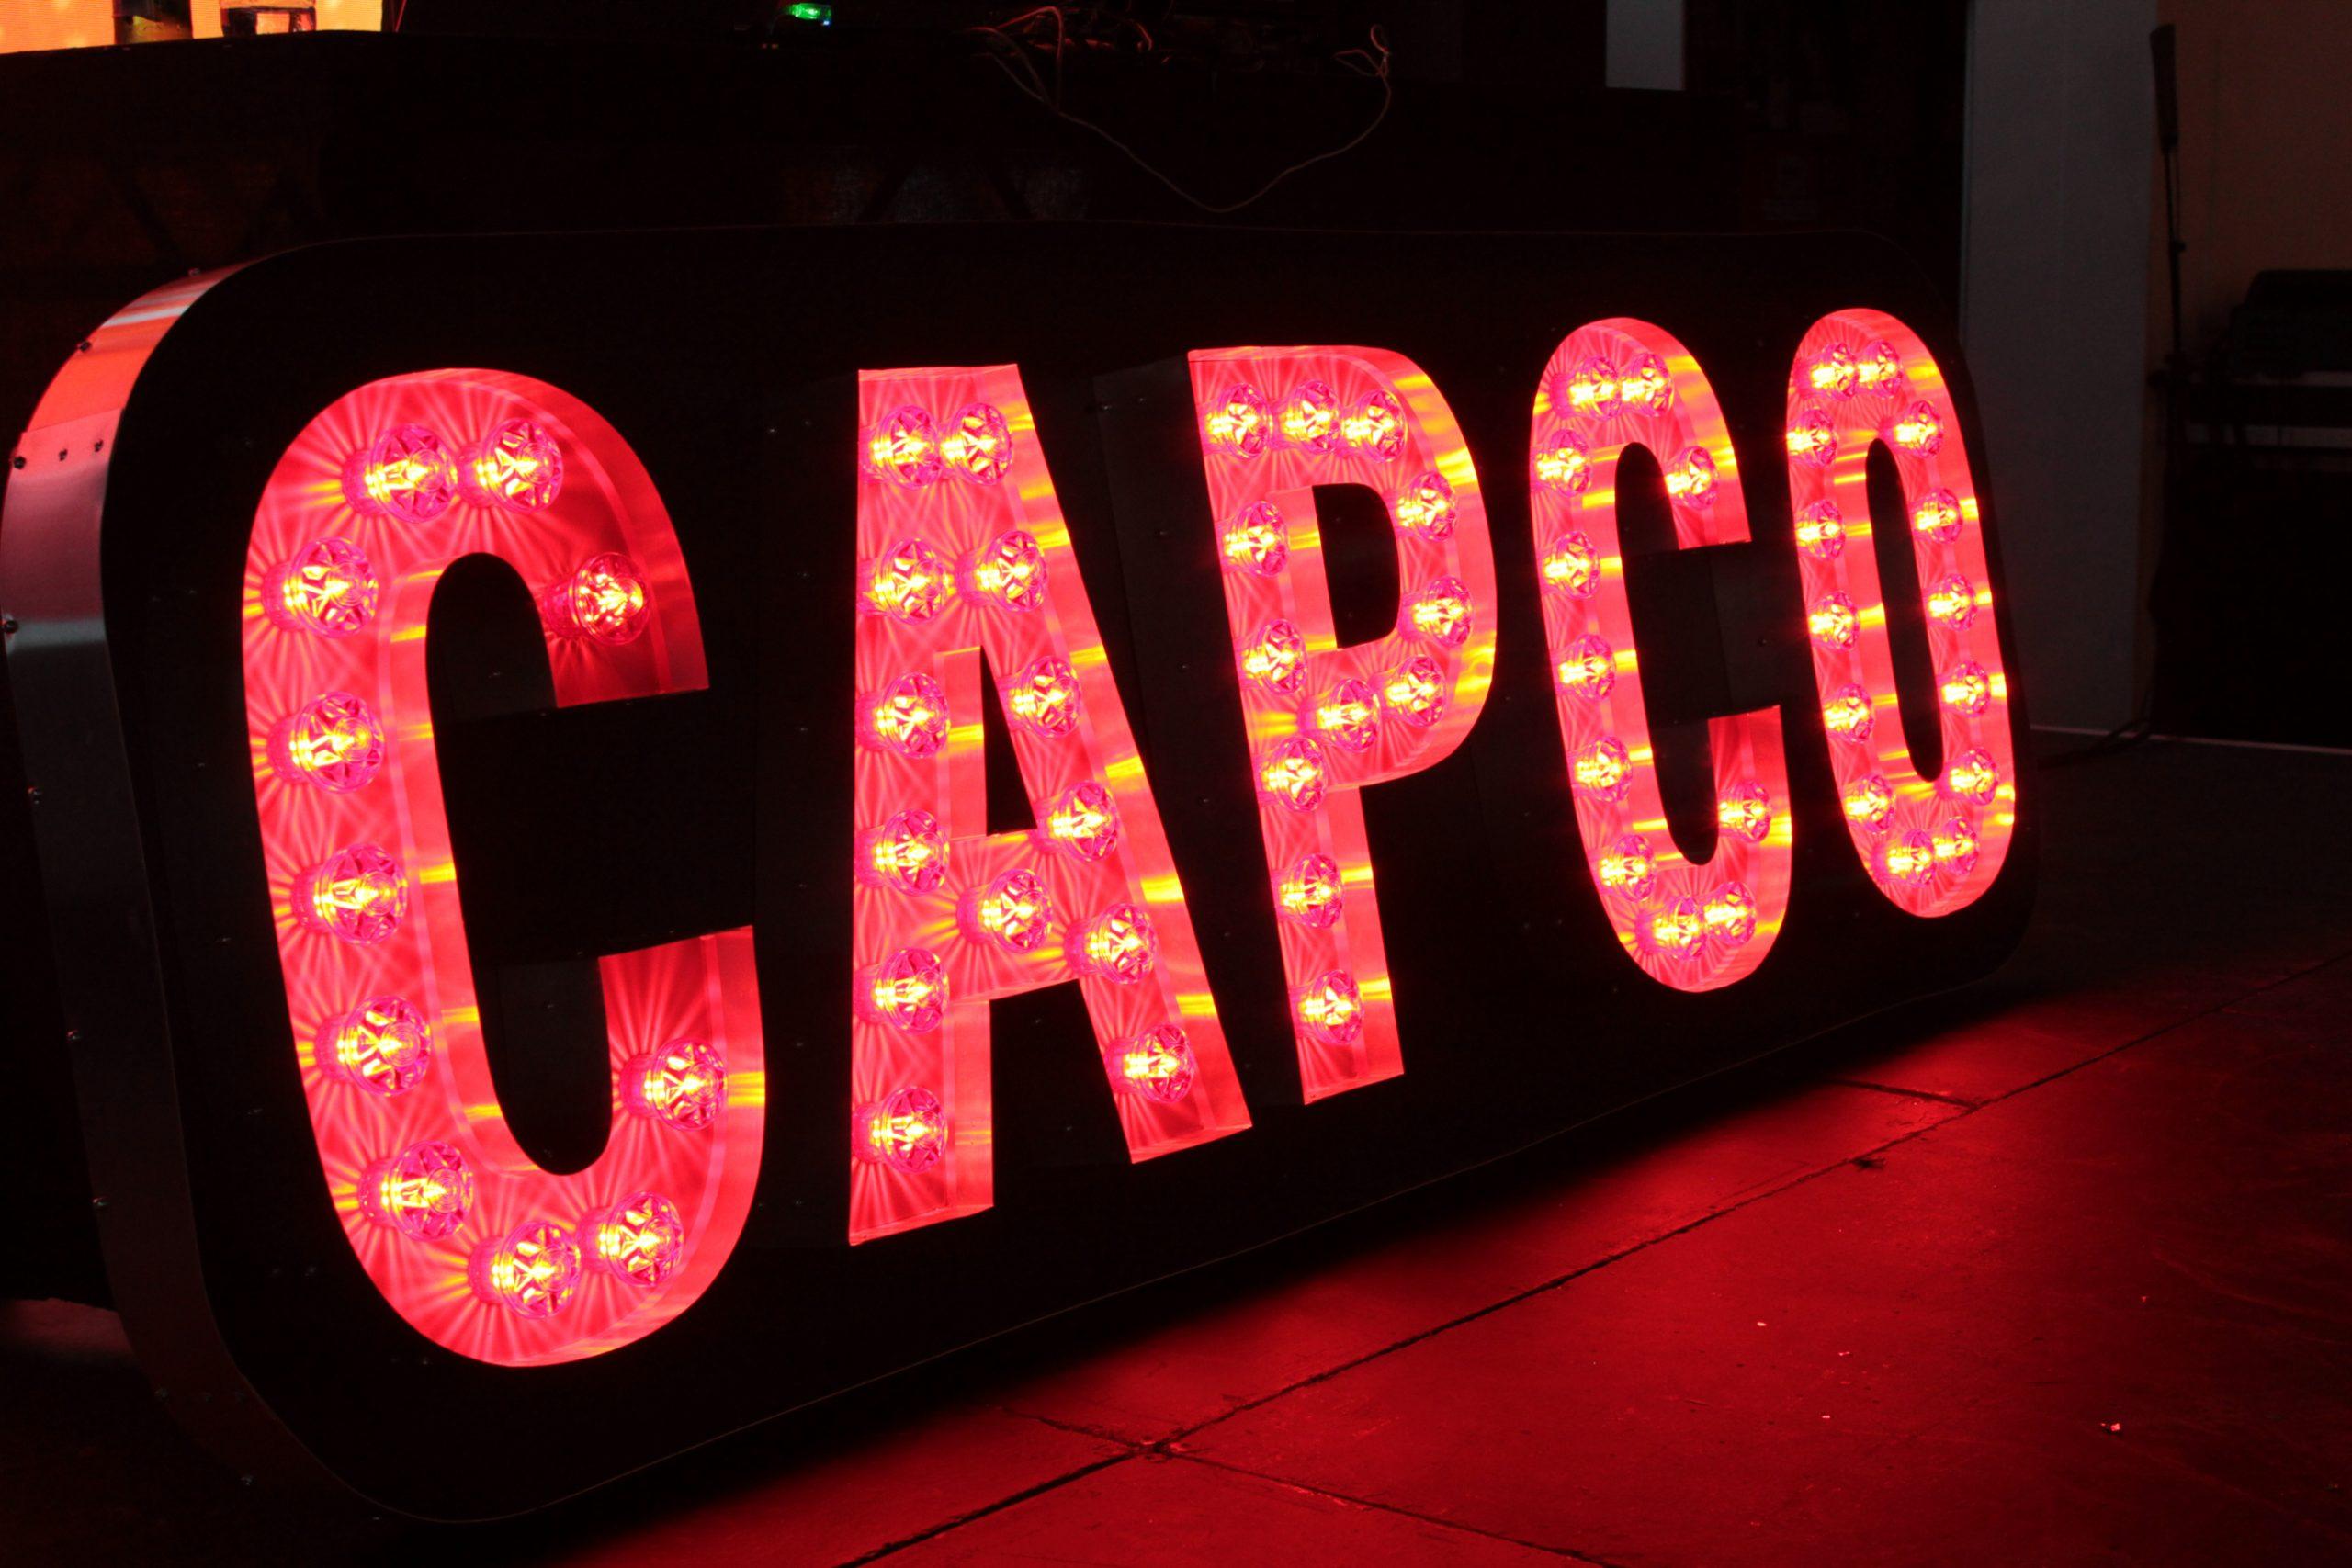 Capco-200618-FE-M-265